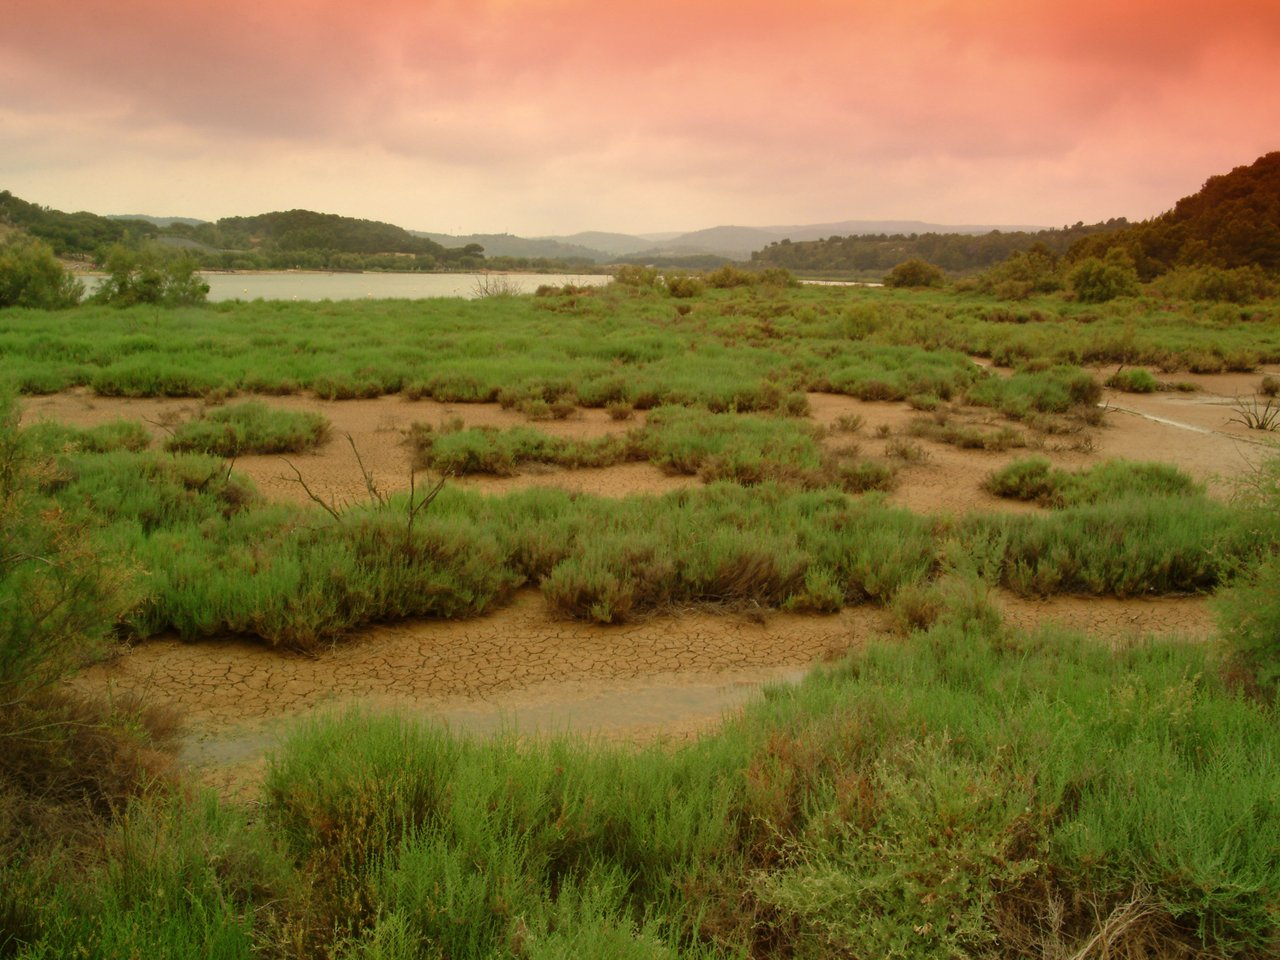 photo du lieu Edenpics-com_005-061-paysage-d-etang-desseche-et-ciel-rouge-France-Languedoc-Roussillon-Parc